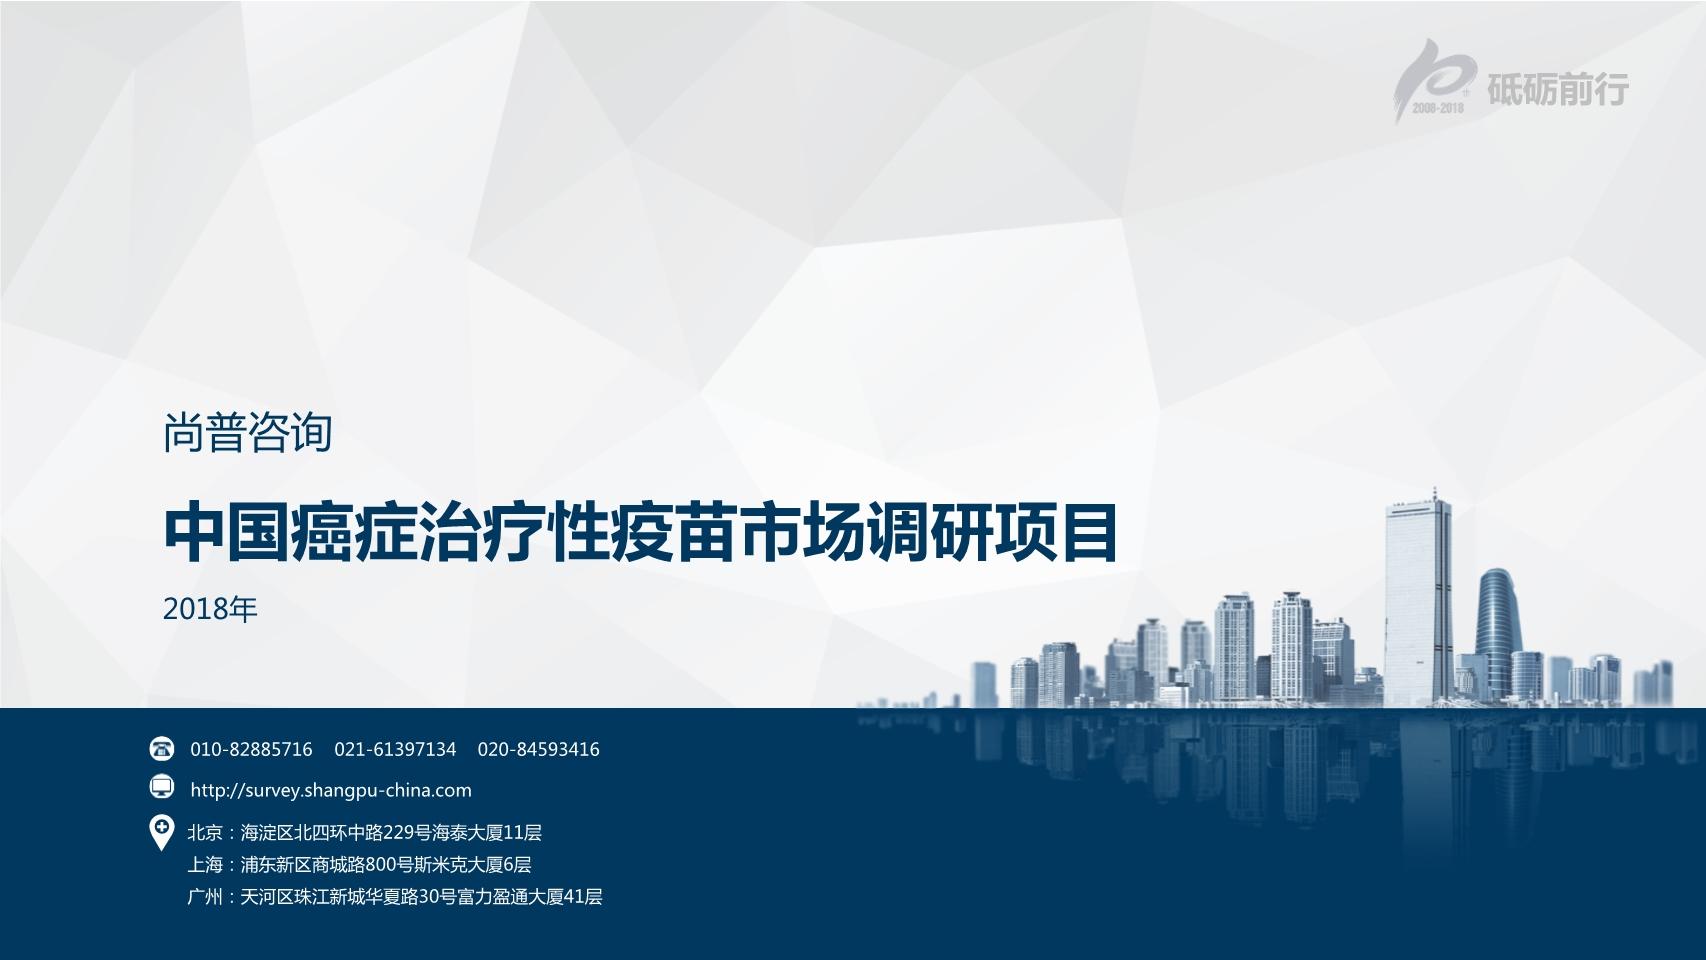 尚普咨询-中国癌症治疗性疫苗市场调研项目